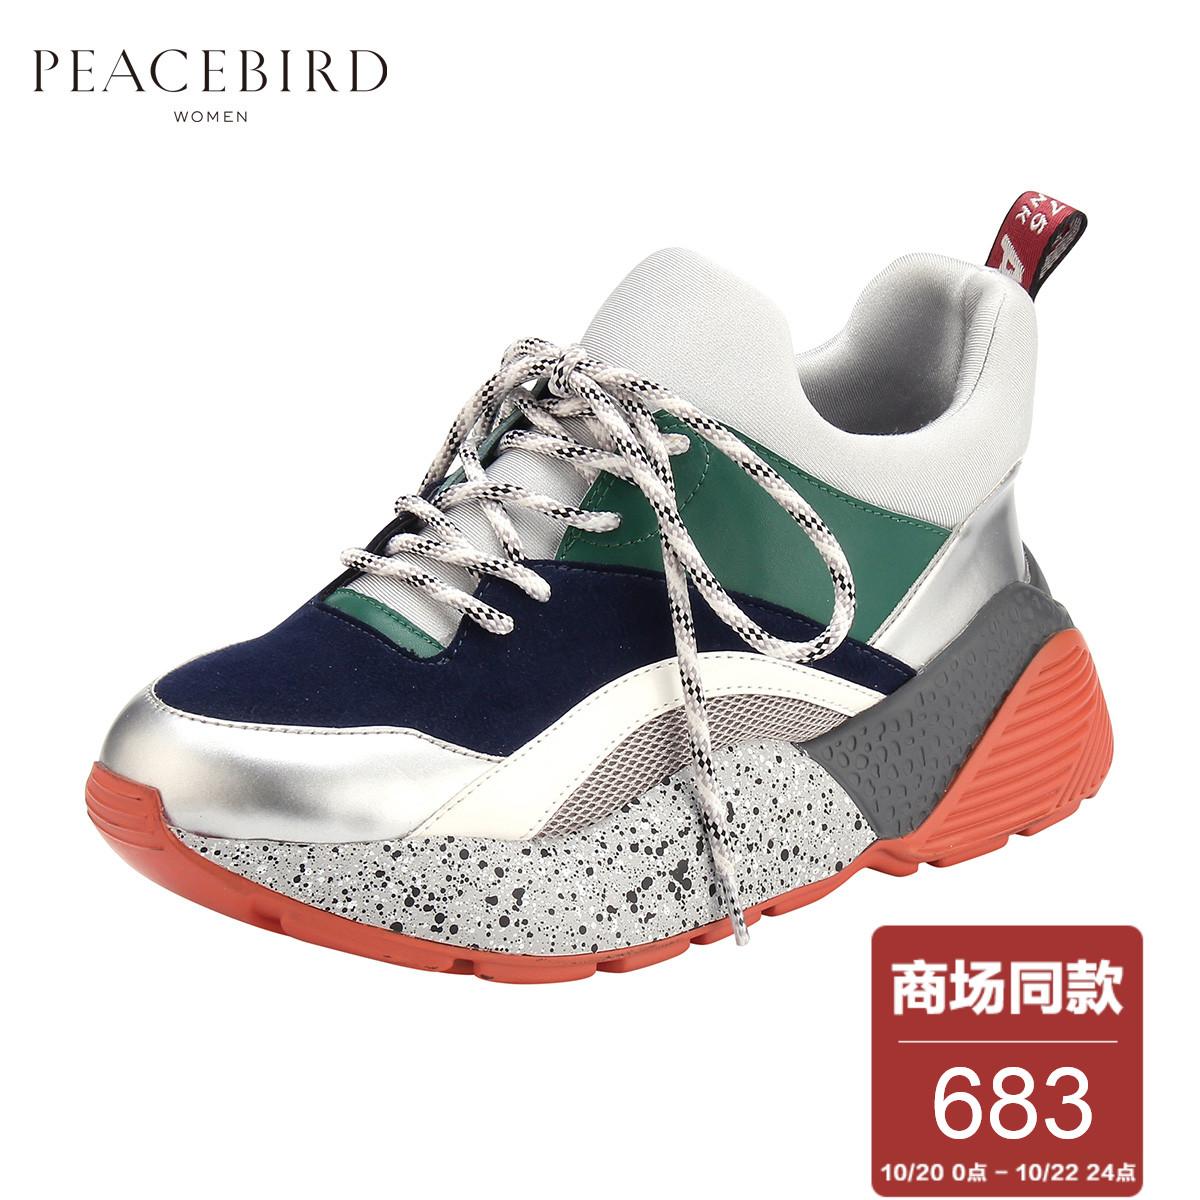 Купить Обувь кожаная в Китае, в интернет магазине таобао на русском языке